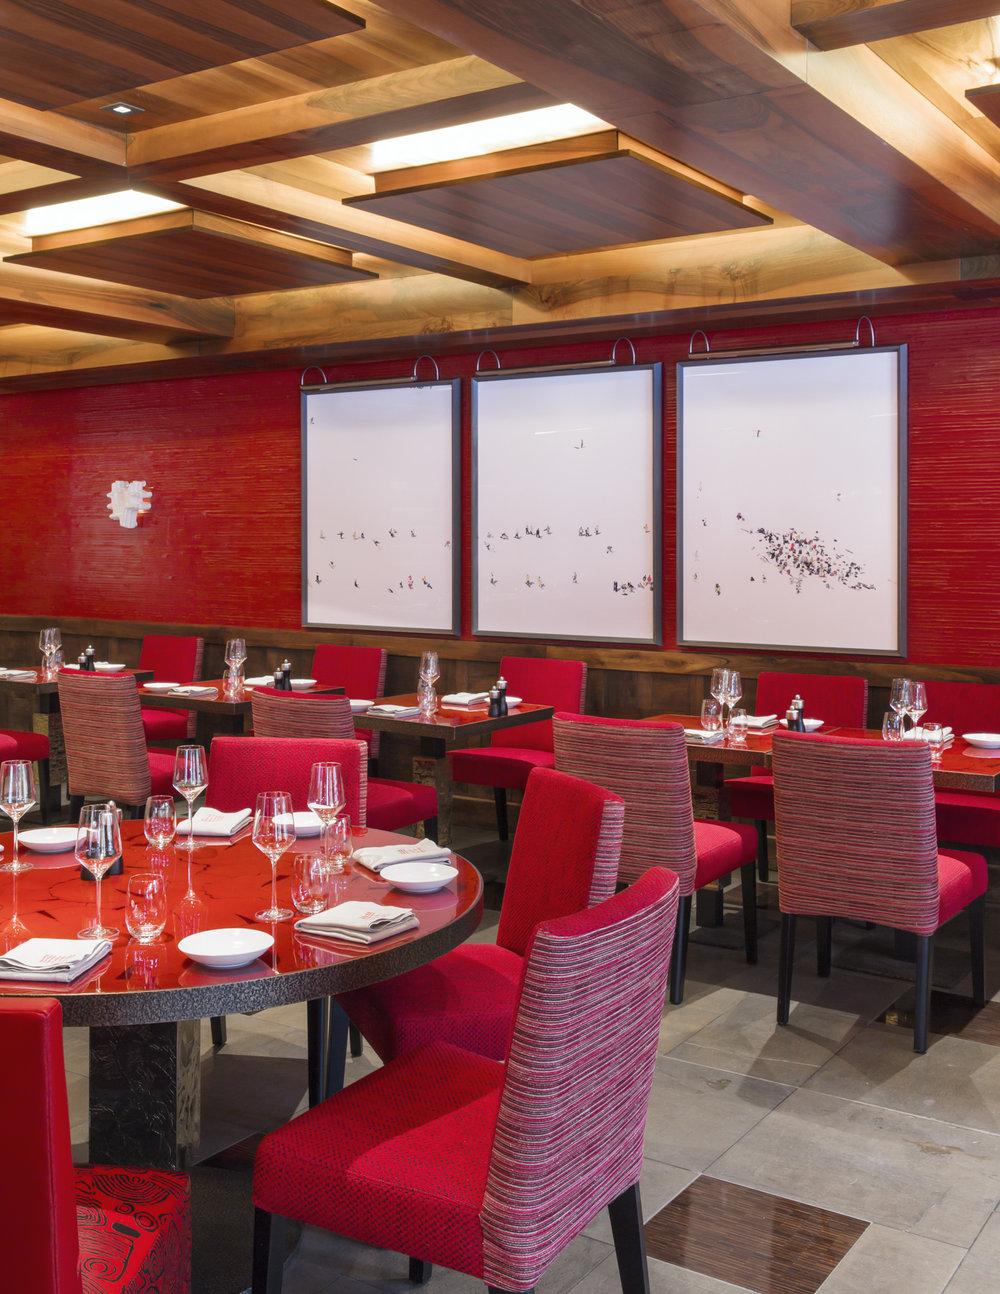 44-restaurant-le-white-white-restaurant-s-julliard.jpg